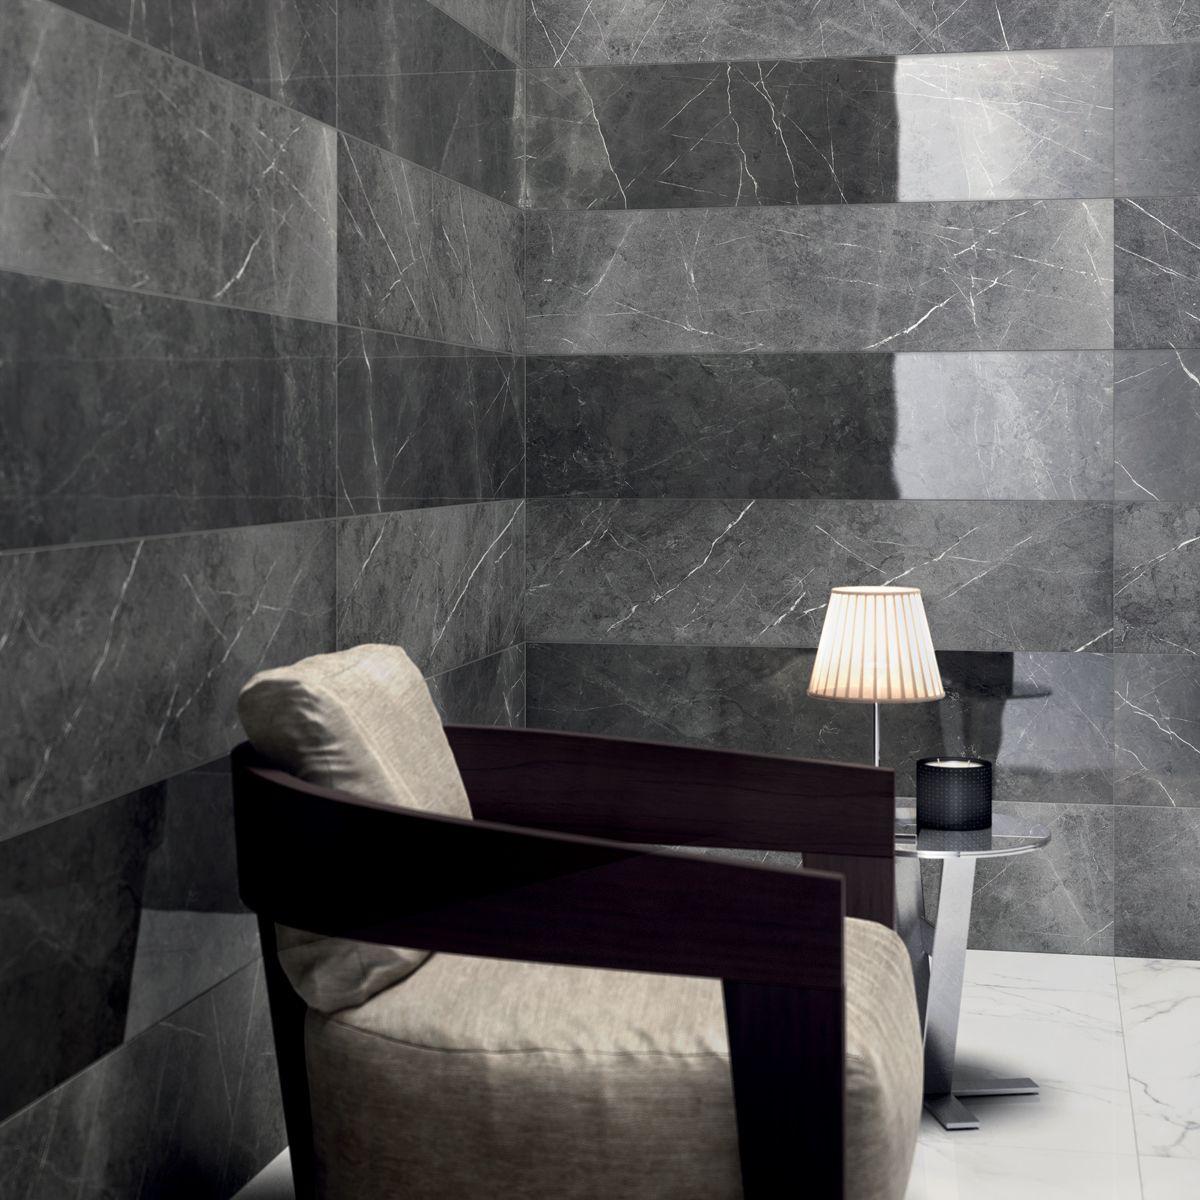 Rivestimento realizzato con sensi abkemozioni pietra grey lux e rivestimento realizzato con sensi abkemozioni pietra grey lux e sabl nel formato 30x120 cm ceramic tile doublecrazyfo Choice Image